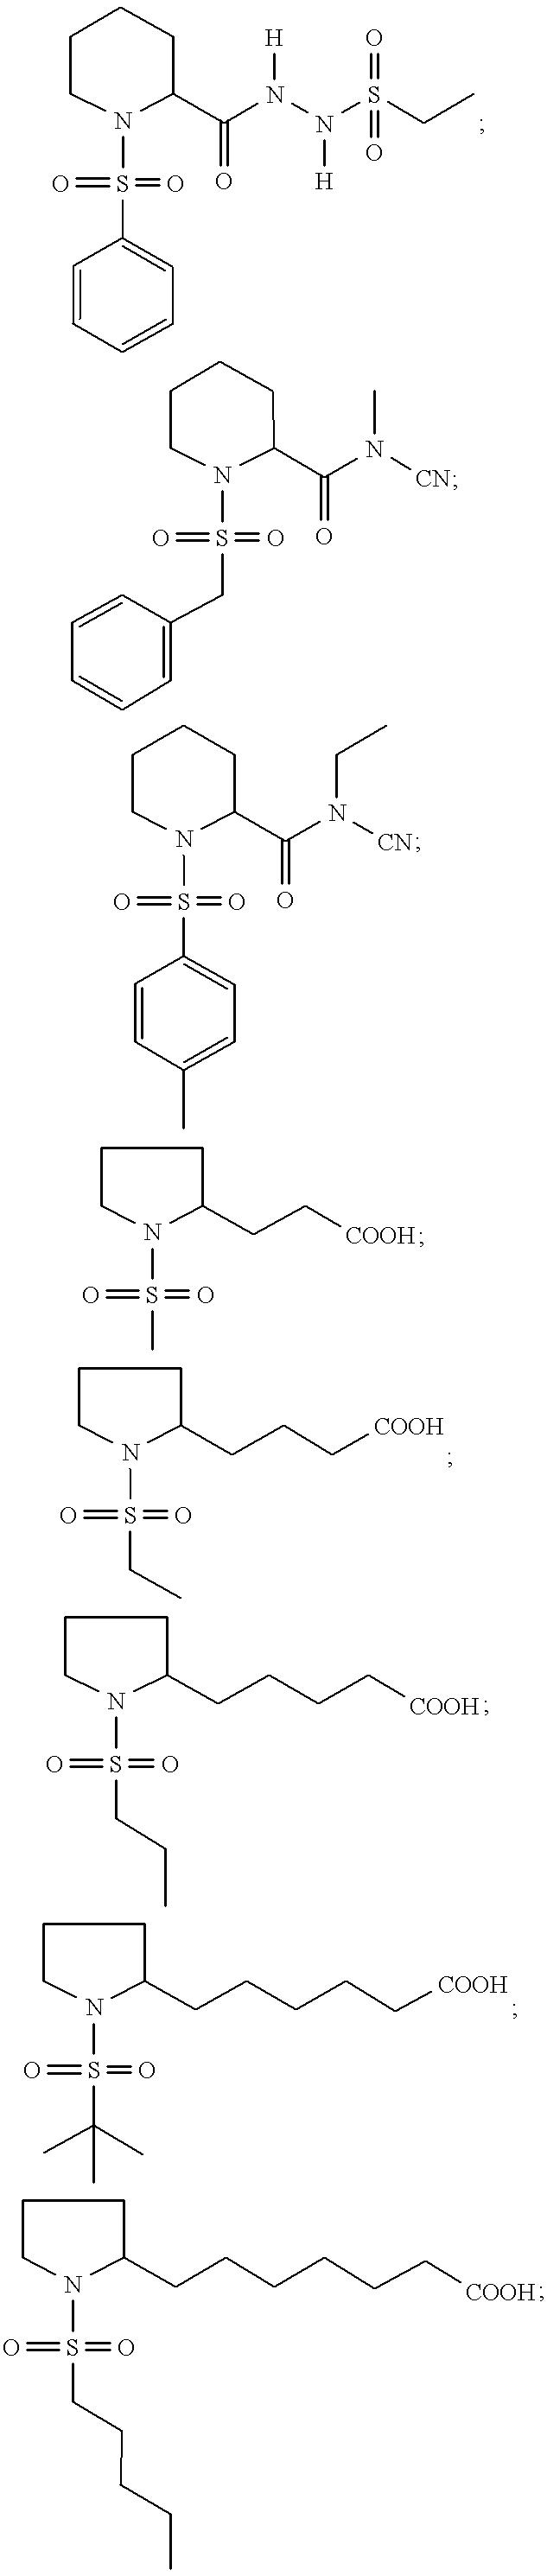 Figure US06339101-20020115-C00051